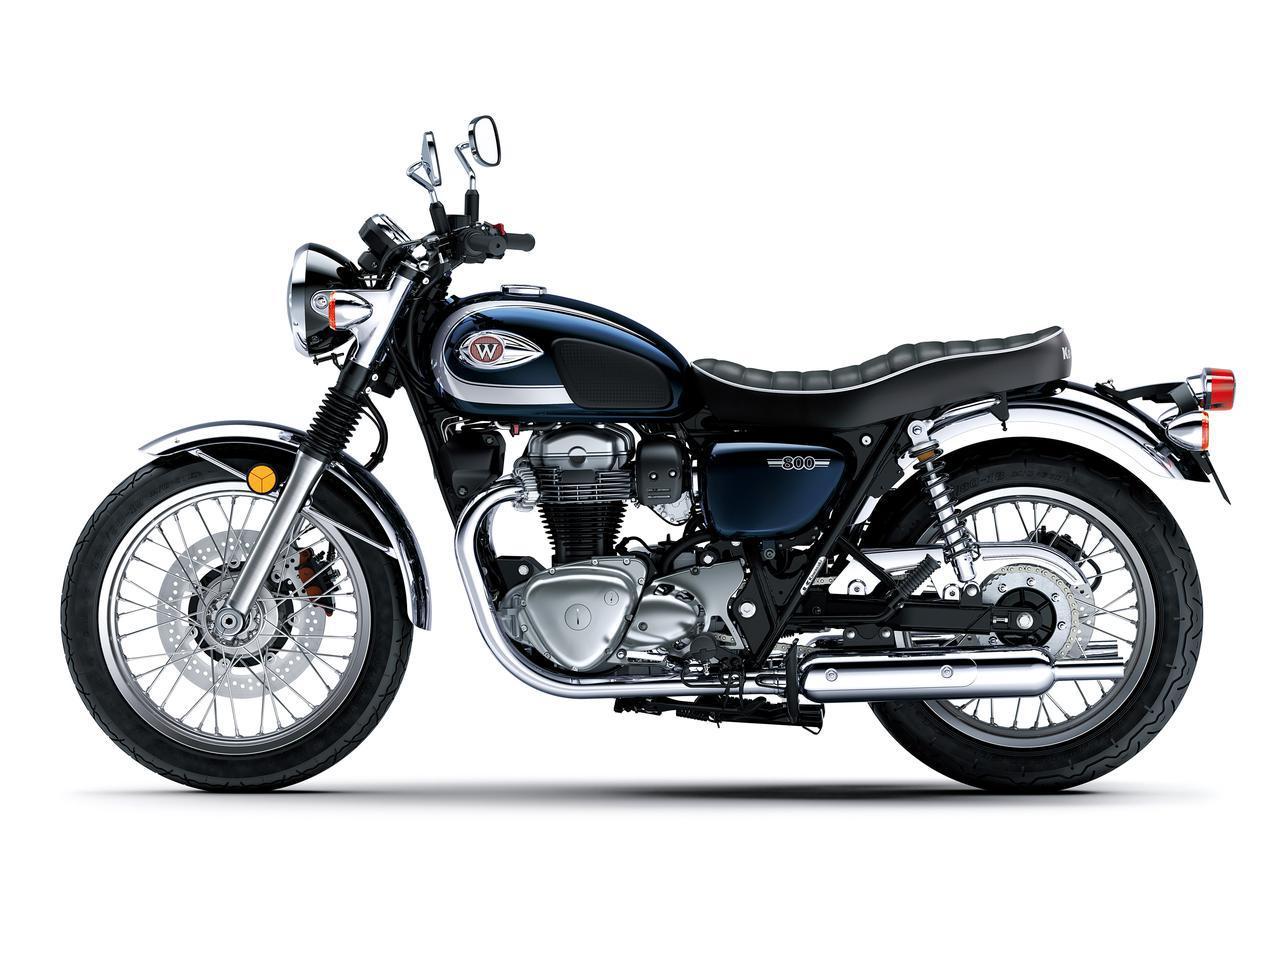 画像2: カワサキが「W800」シリーズの2021年モデルを発売! W800/W800ストリート/W800カフェの新色をチェック!